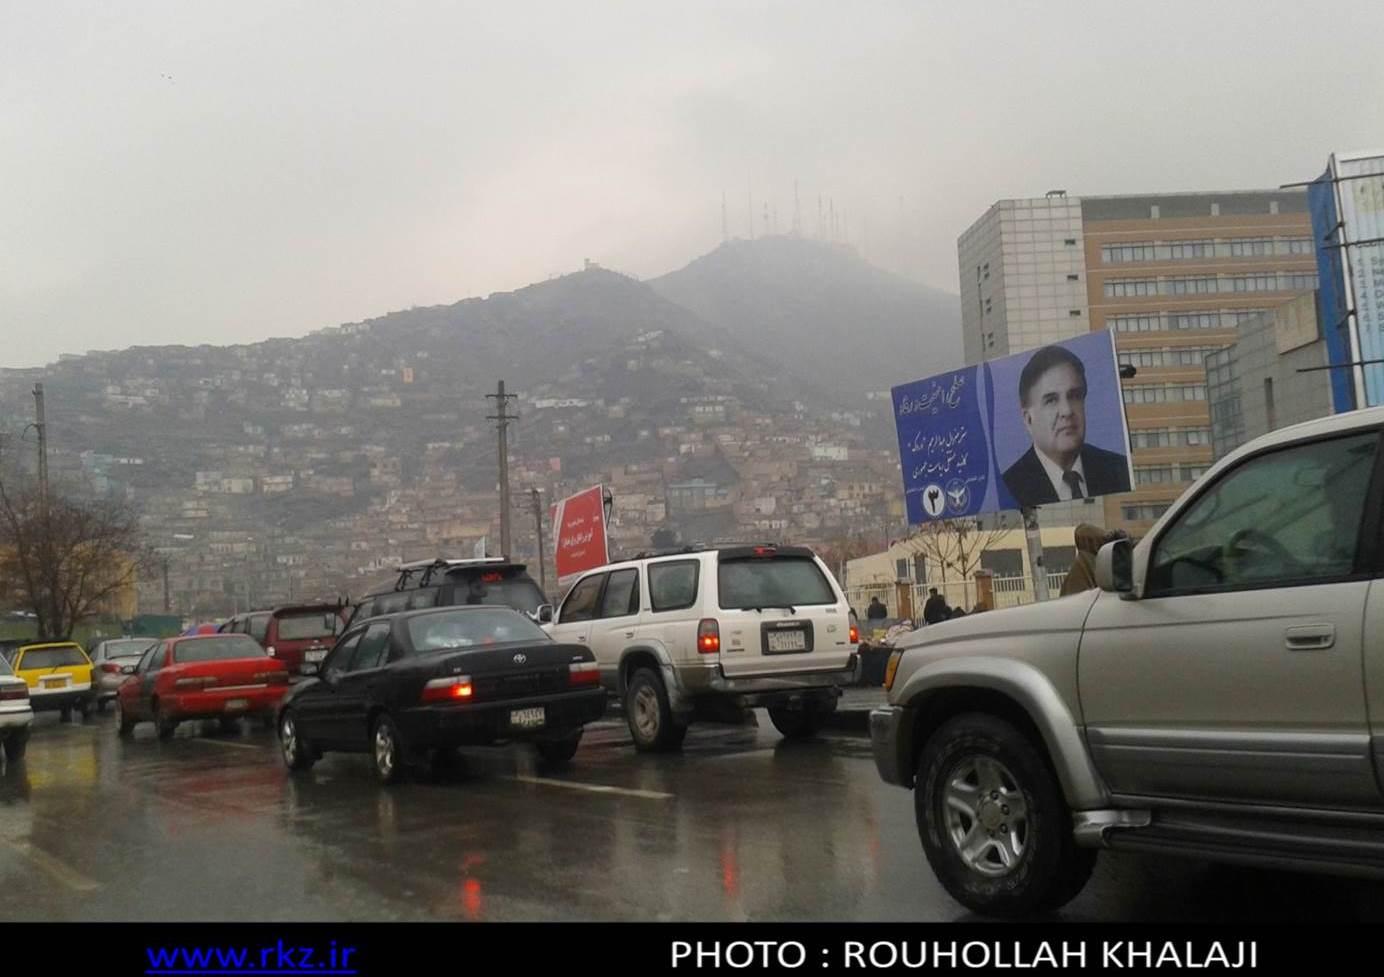 خانه های کابل